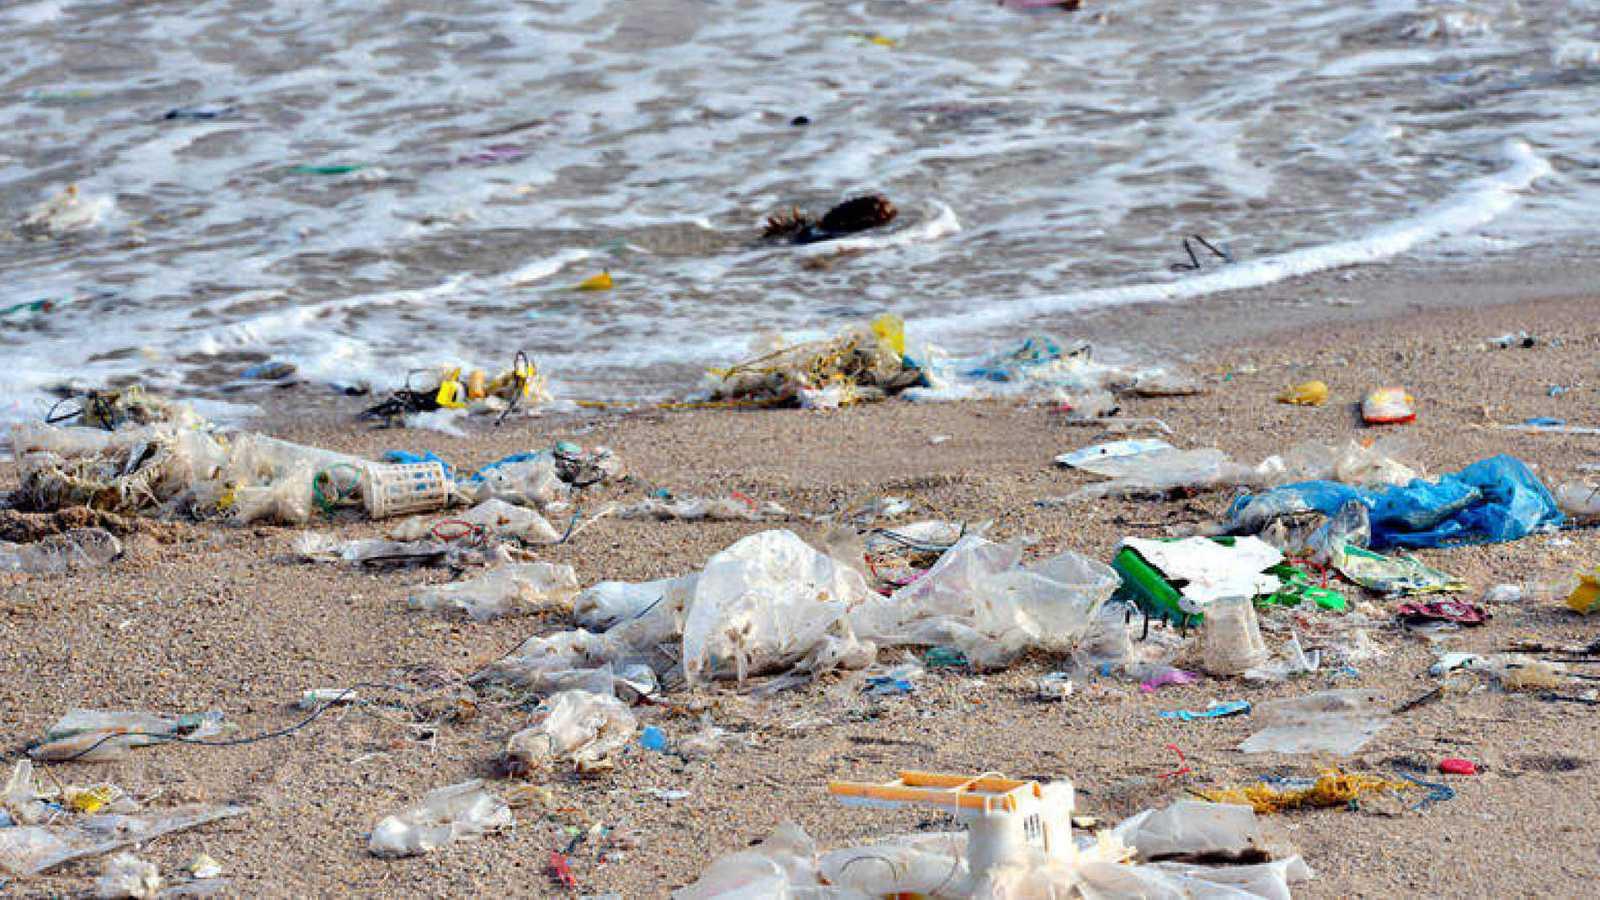 En el año 2050, de seguir a este ritmo, habrá más plástico en el mar que organismos vivos